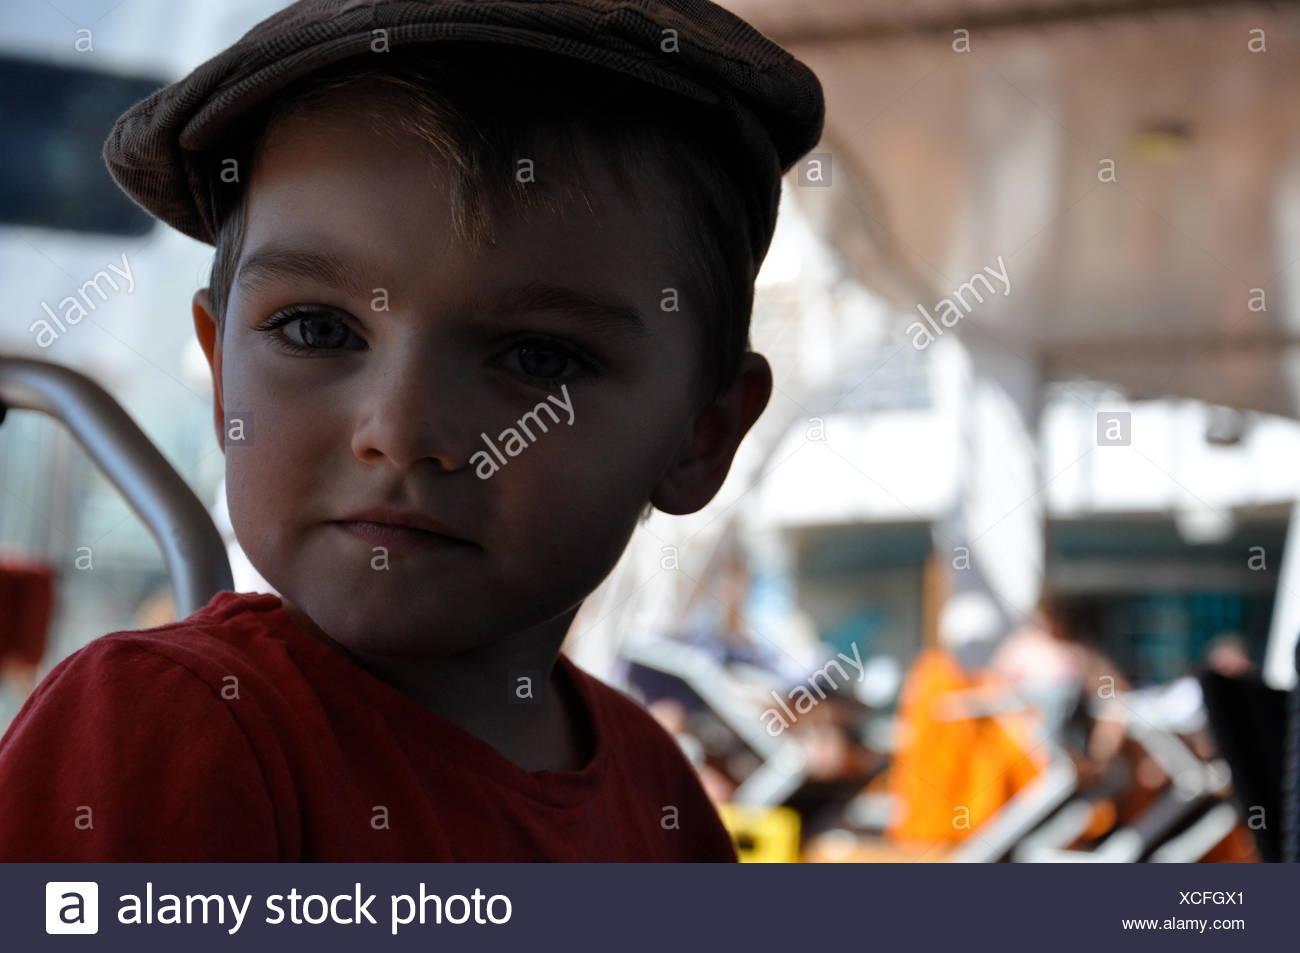 Retrato de chico lindo en Parque de Atracciones Imagen De Stock